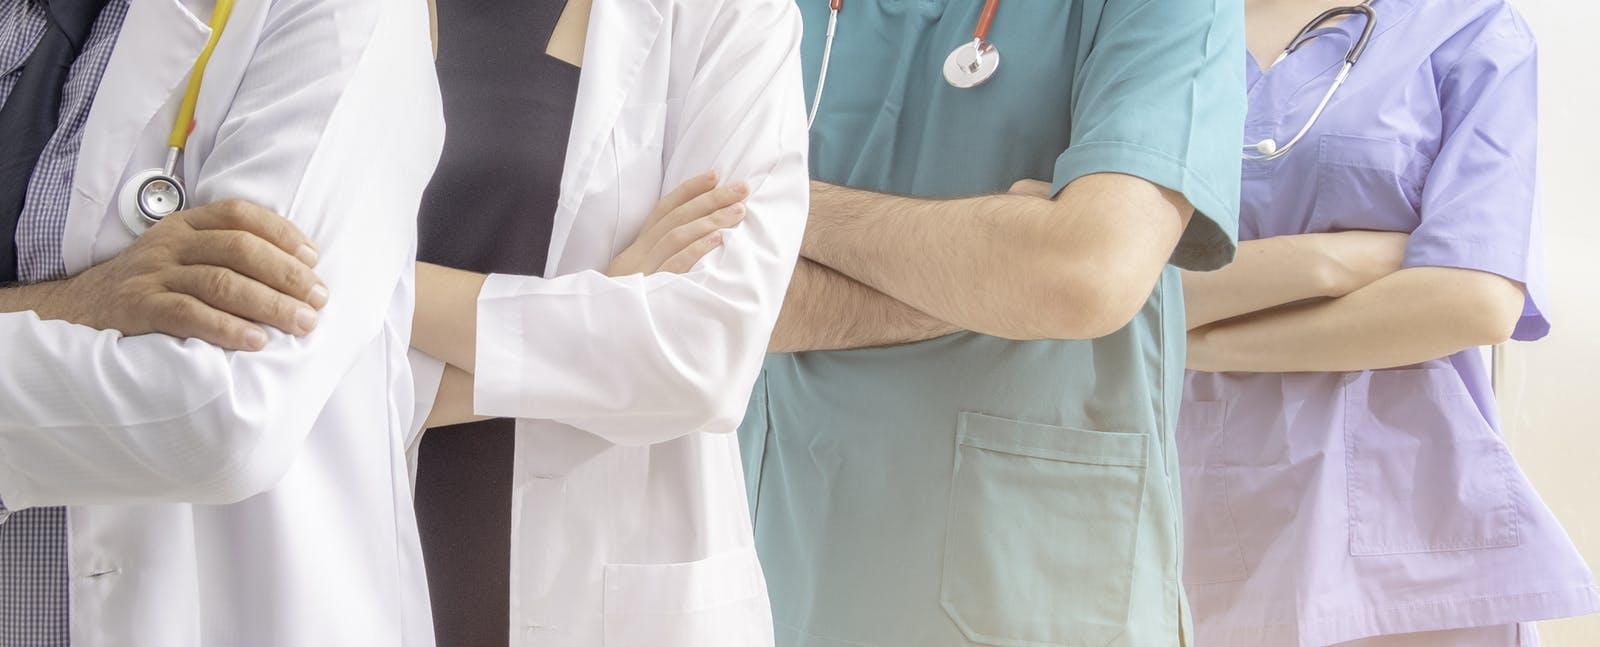 Läkare dating patienter Kanada